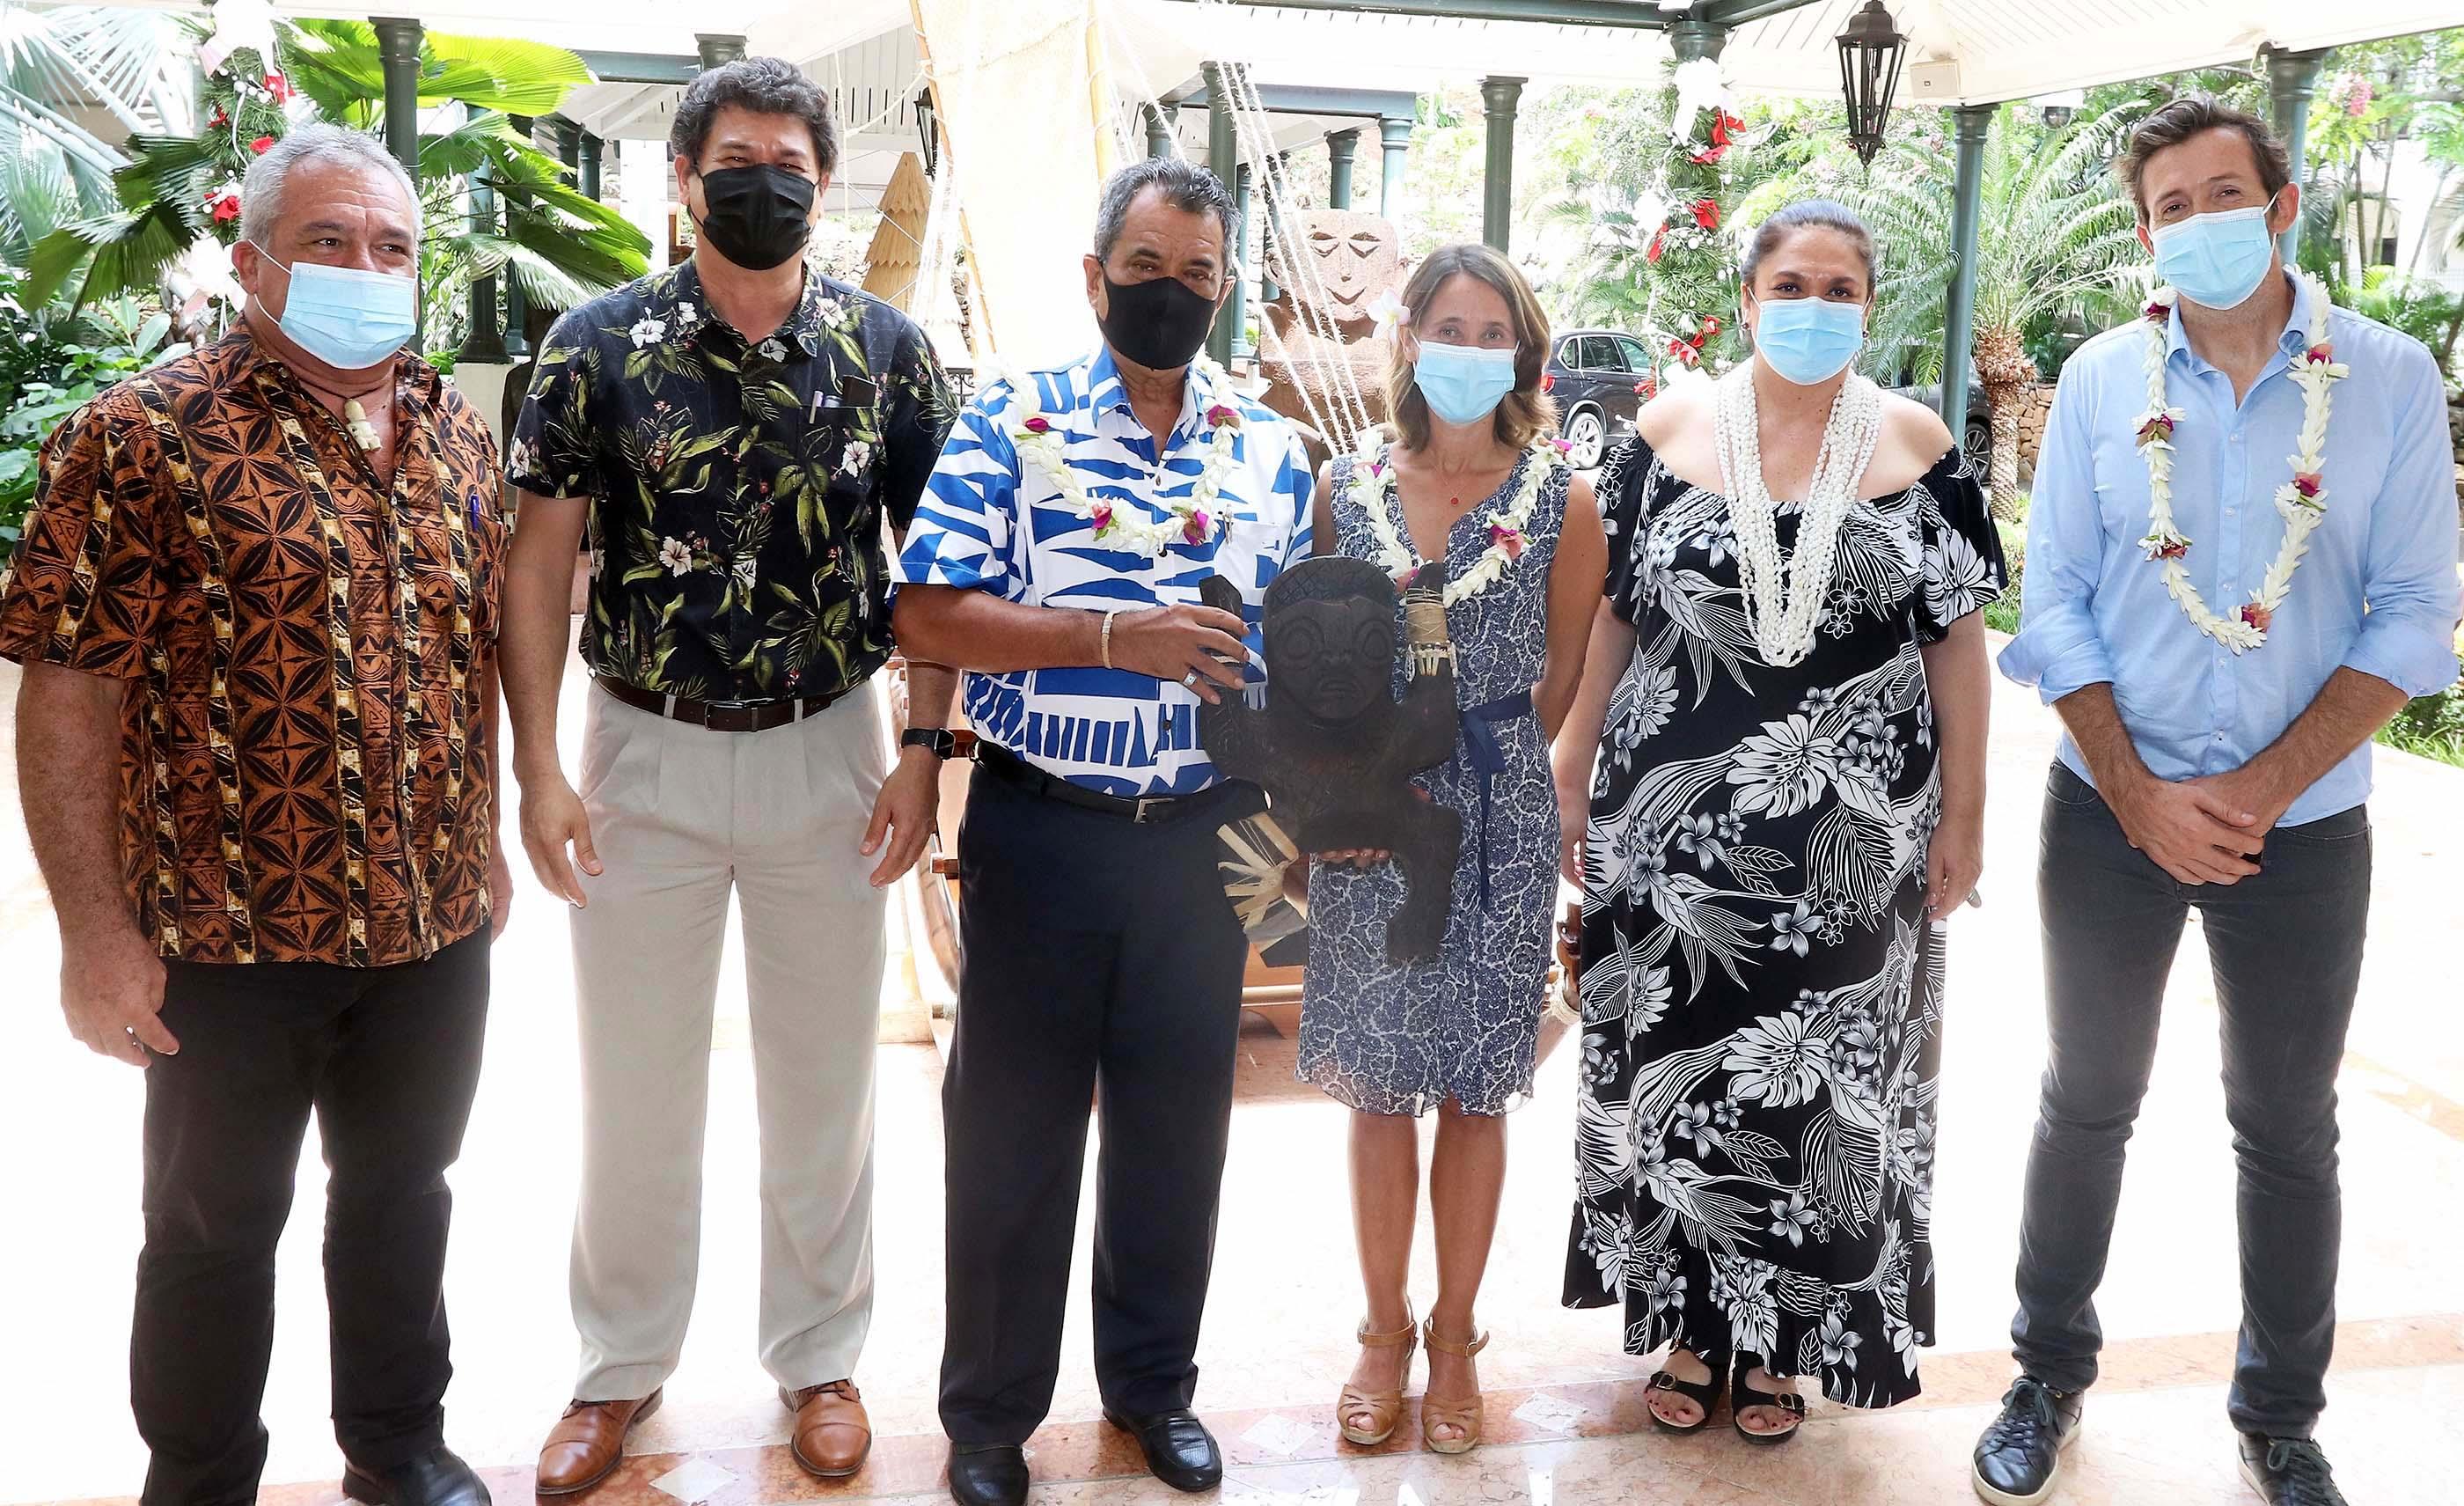 Tournage de Koh Lanta en Polynésie : « Une visibilité importante à la destination Tahiti et ses îles »